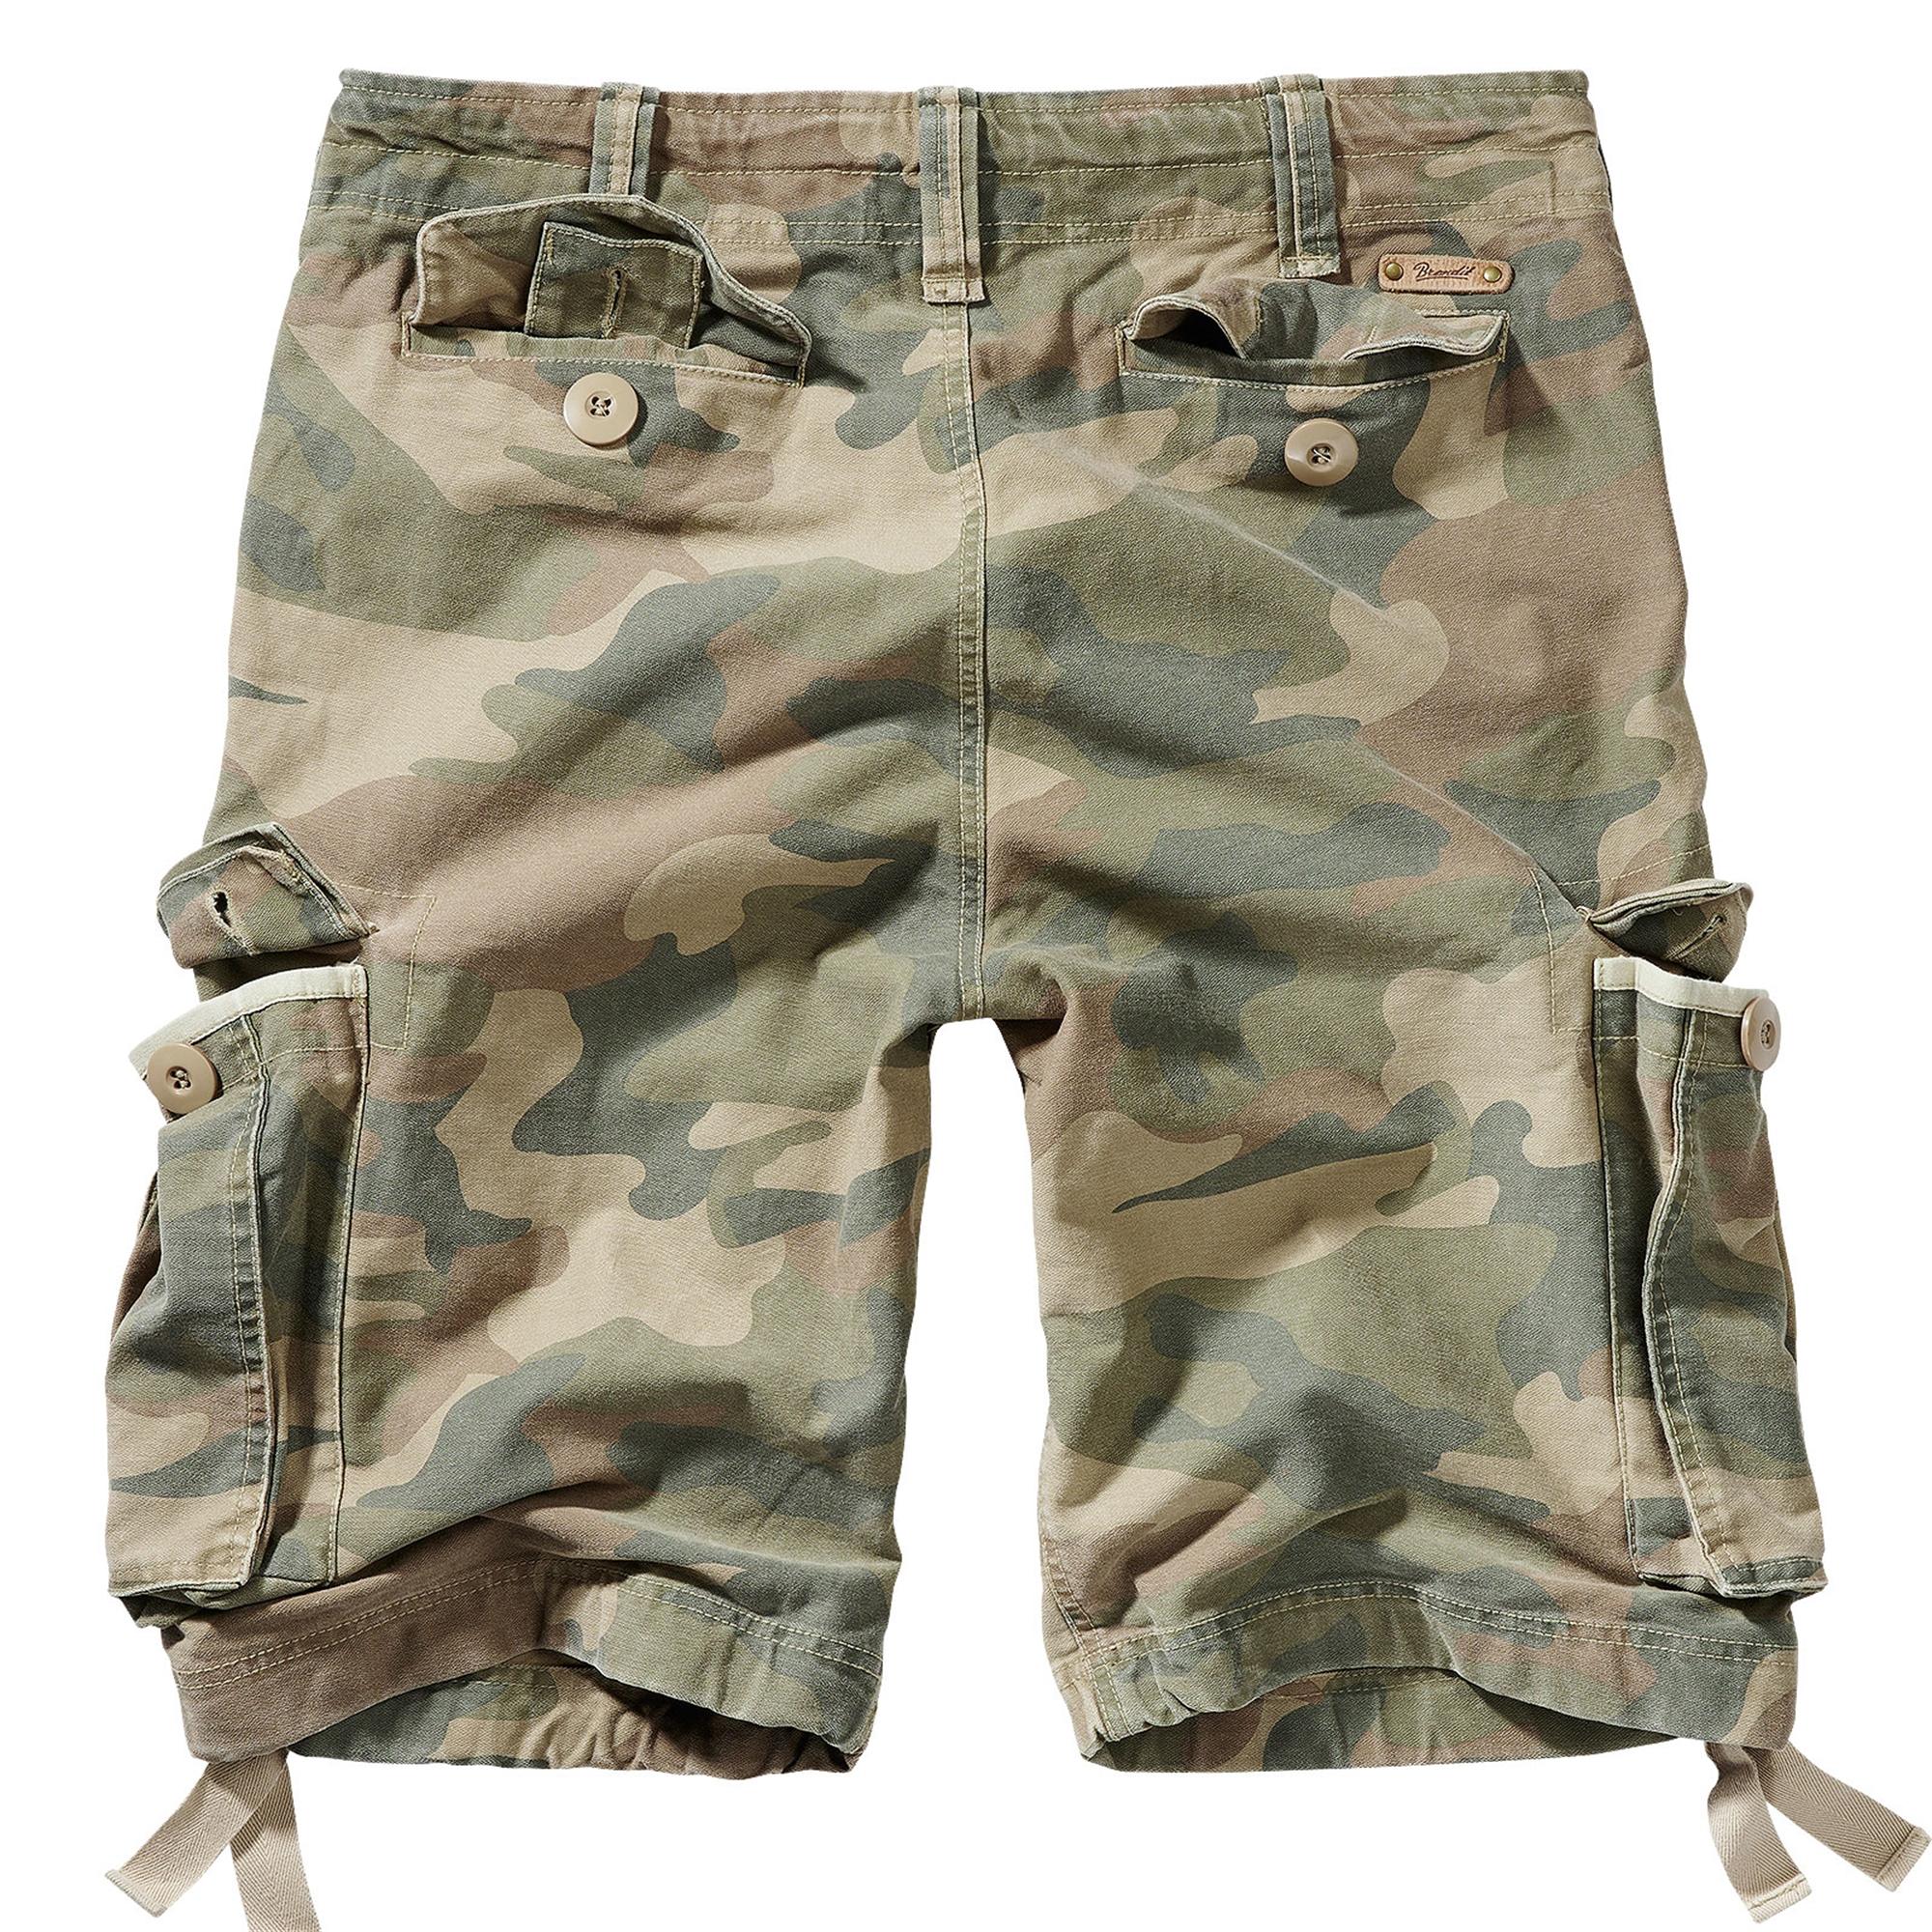 Brandit-Vintage-Herren-Cargo-Shorts-Bermuda-Kurze-Hose-Short-US-Army-Ranger Indexbild 12